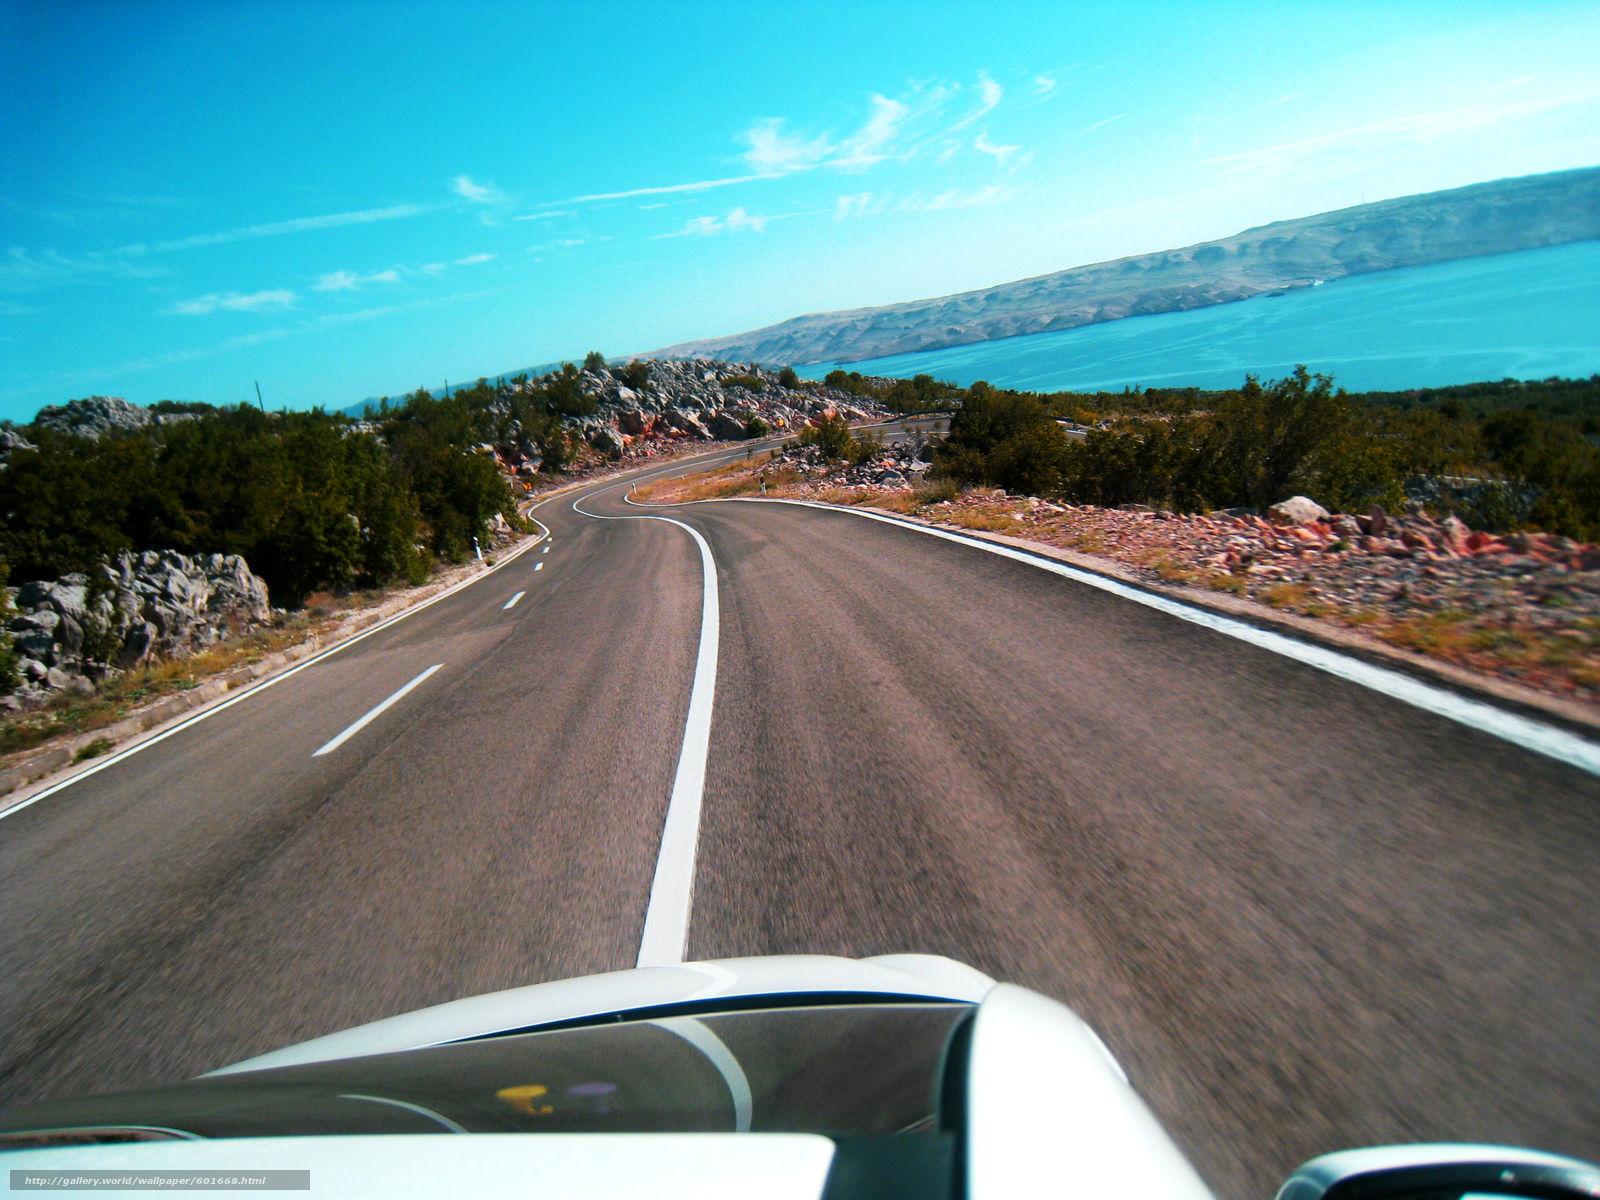 Download Hintergrund Straße,  Kroatien,  Meer,  Grau Freie desktop Tapeten in der Auflosung 2592x1944 — bild №601668